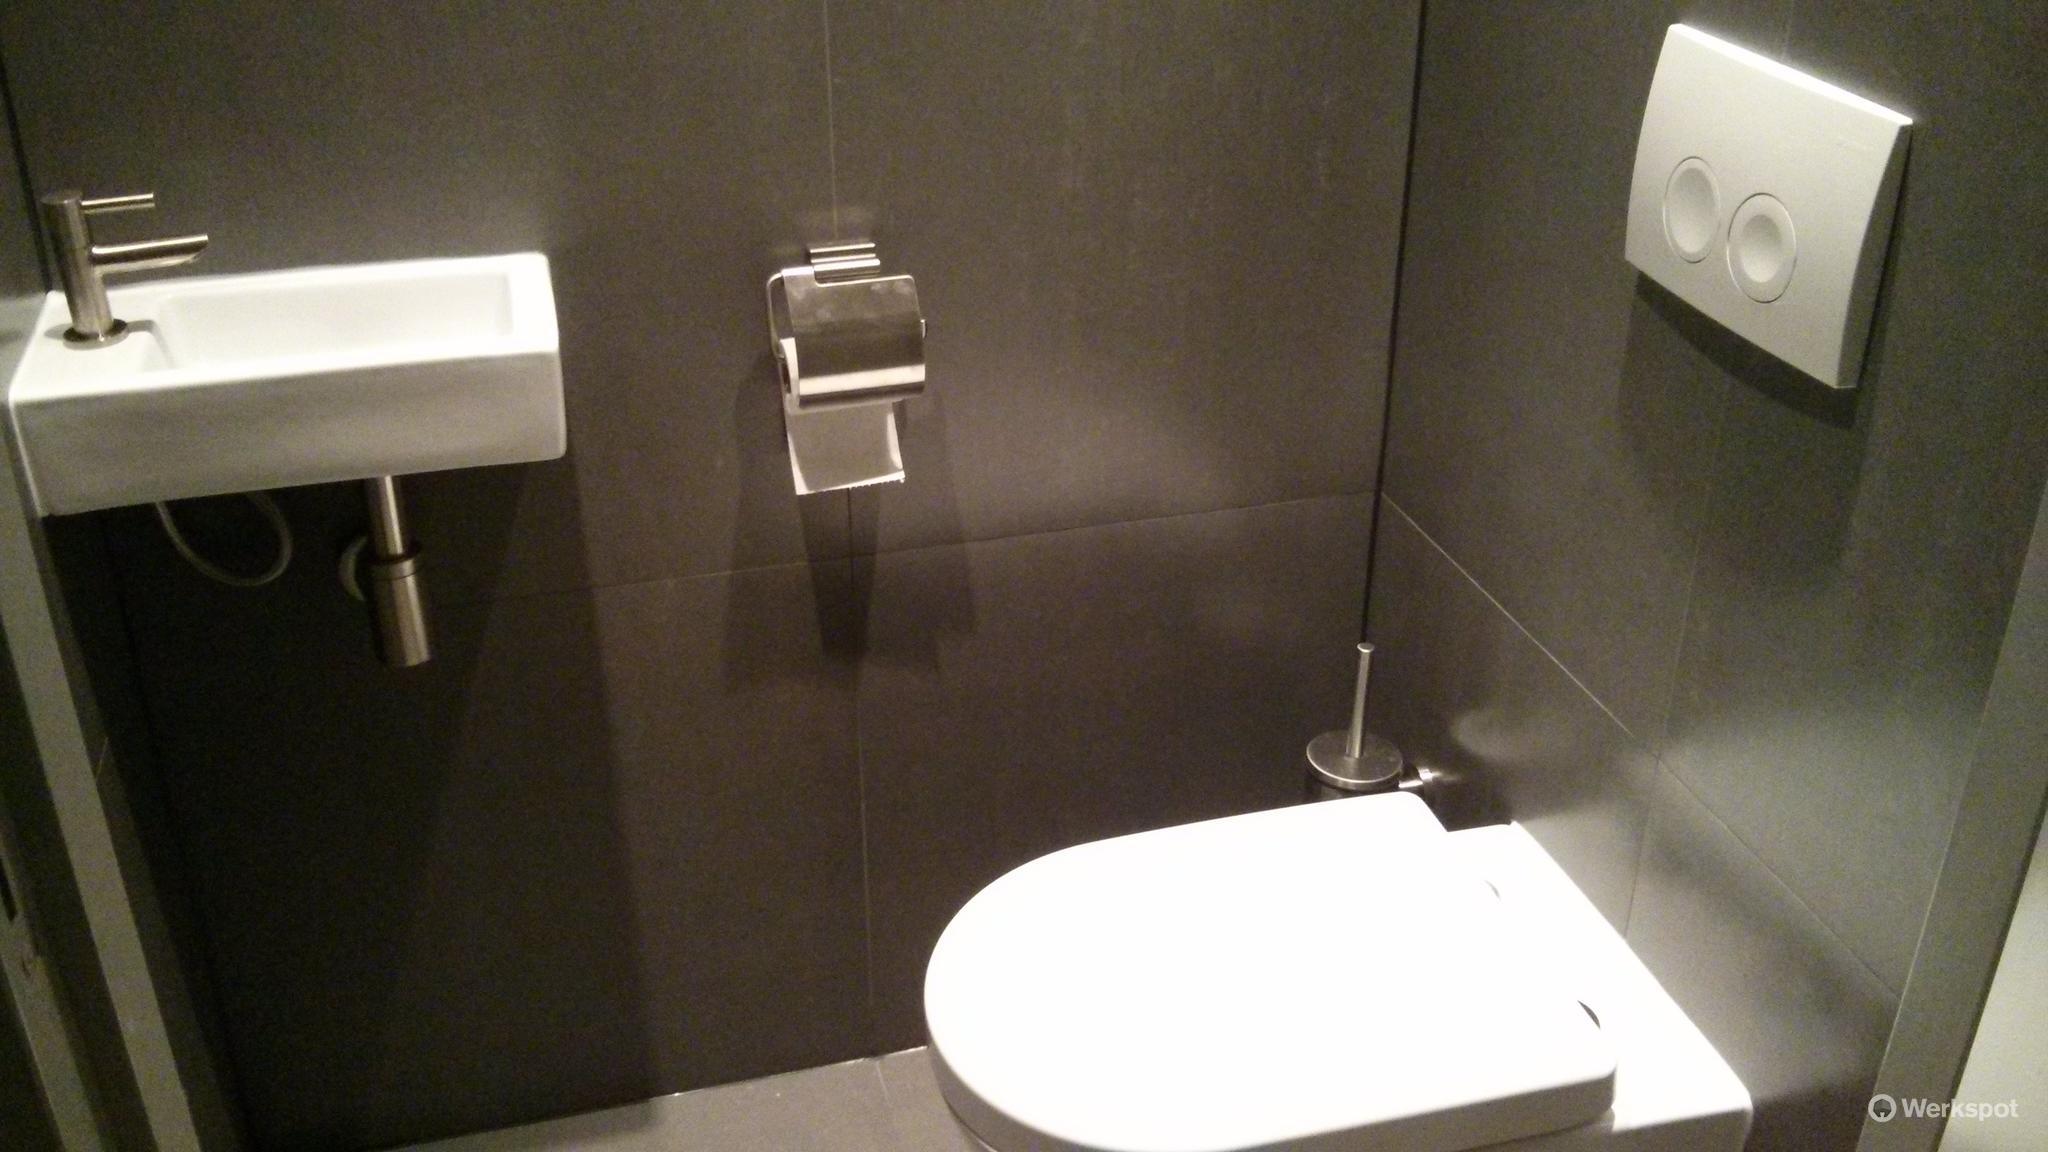 herinrichting badkamer en wc-ruimte - werkspot, Badkamer